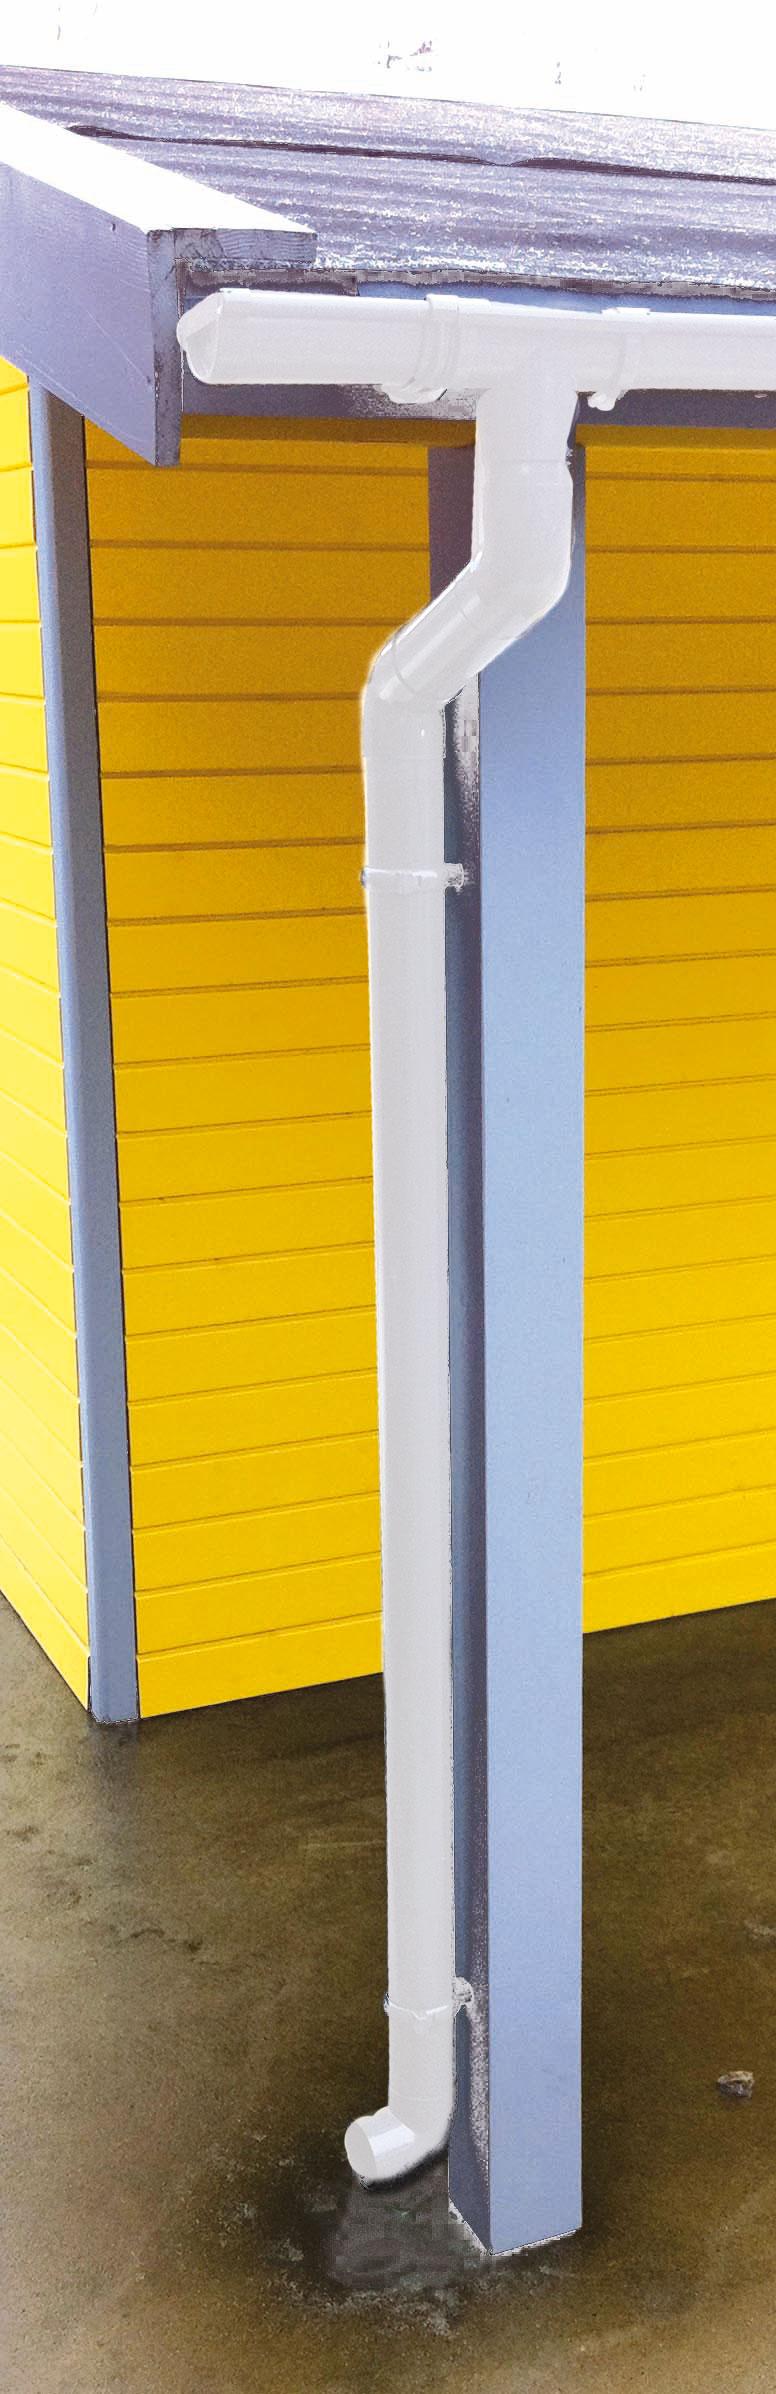 Dachrinnen Ergänzungsset RG100 310B Anbauten PVC Halter rund weiß Bild 1